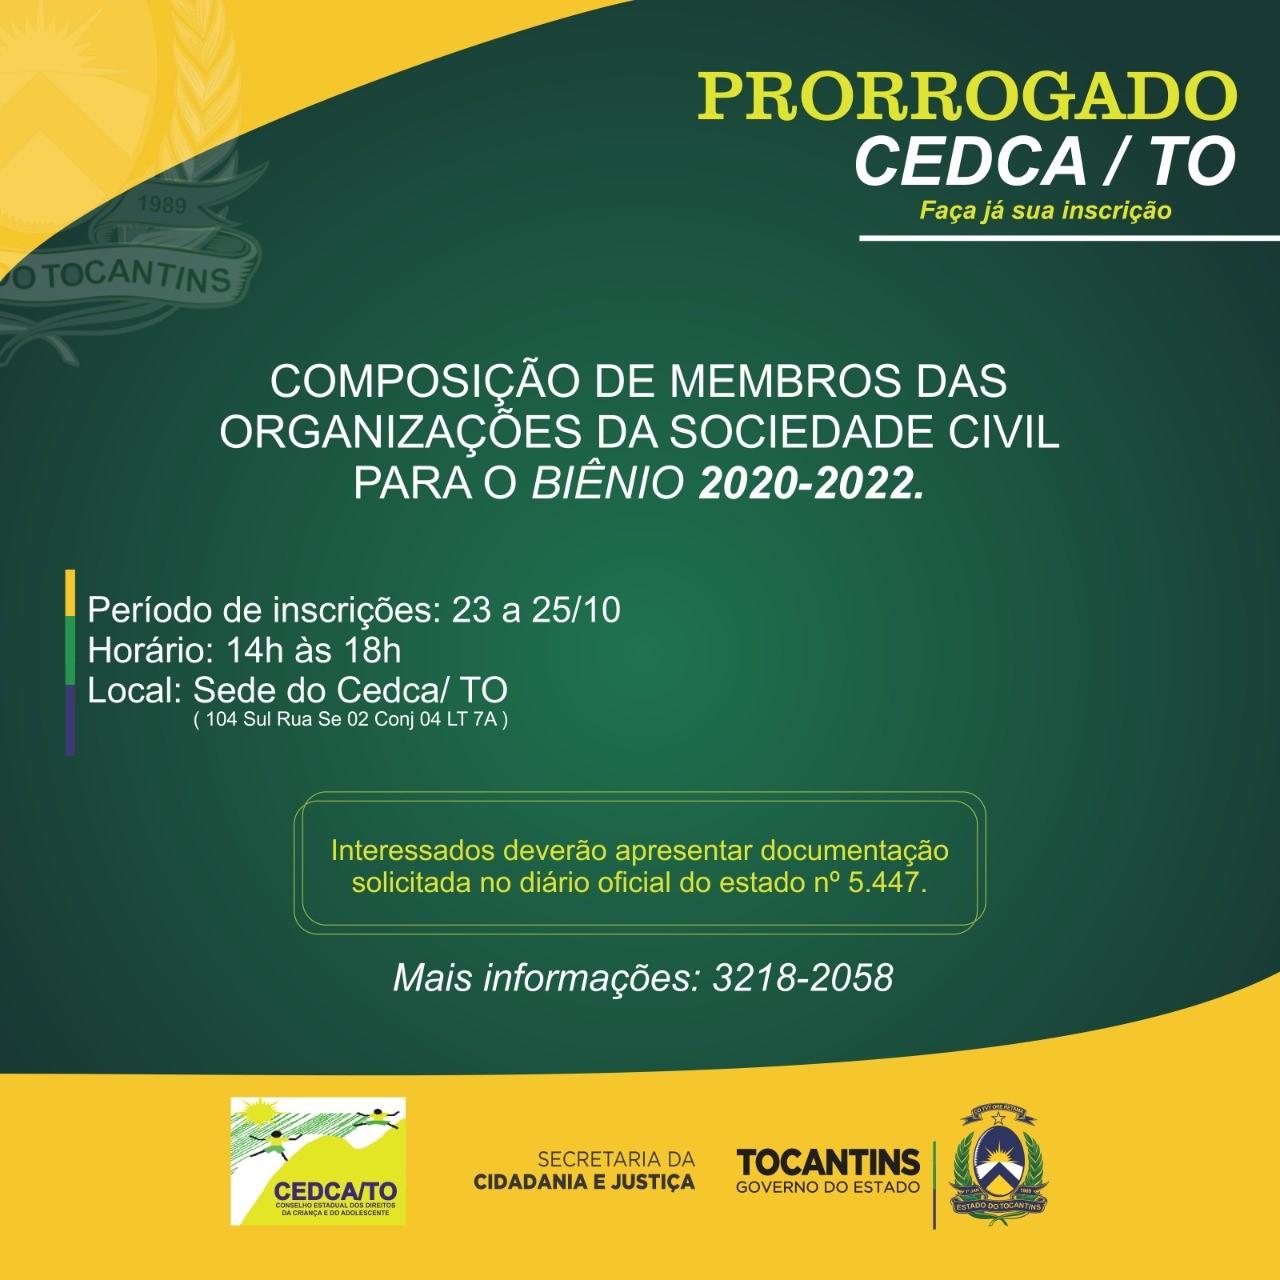 Conselho Estadual dos Direitos da Criança e do Adolescente prorroga inscrições para composição de membros para biênio 2020-2022